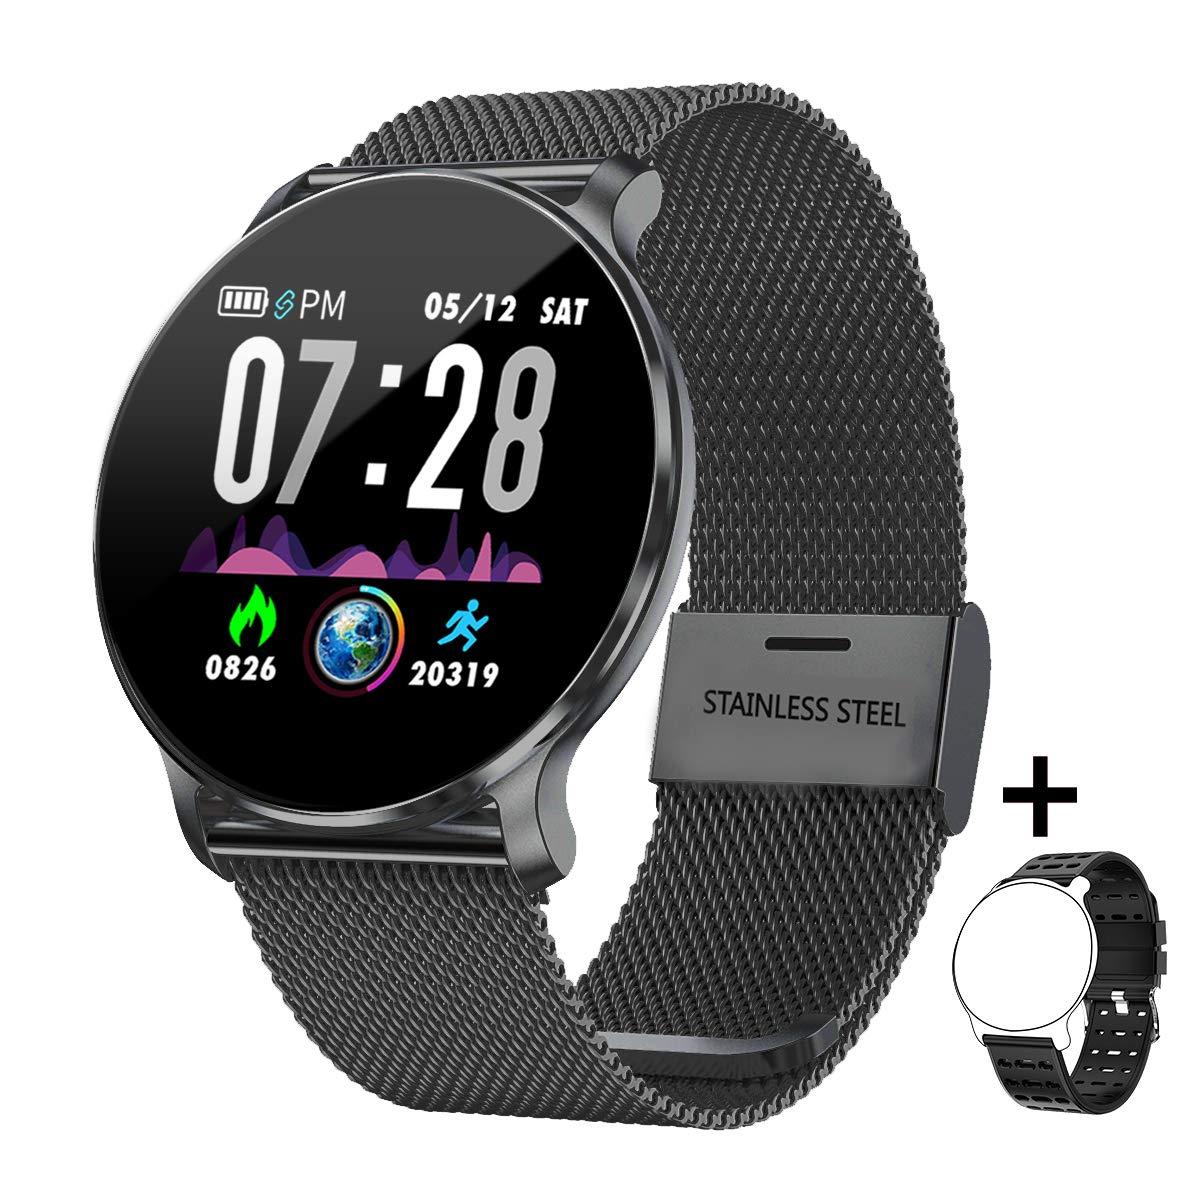 Tagobee Fitness Tracker Tb11